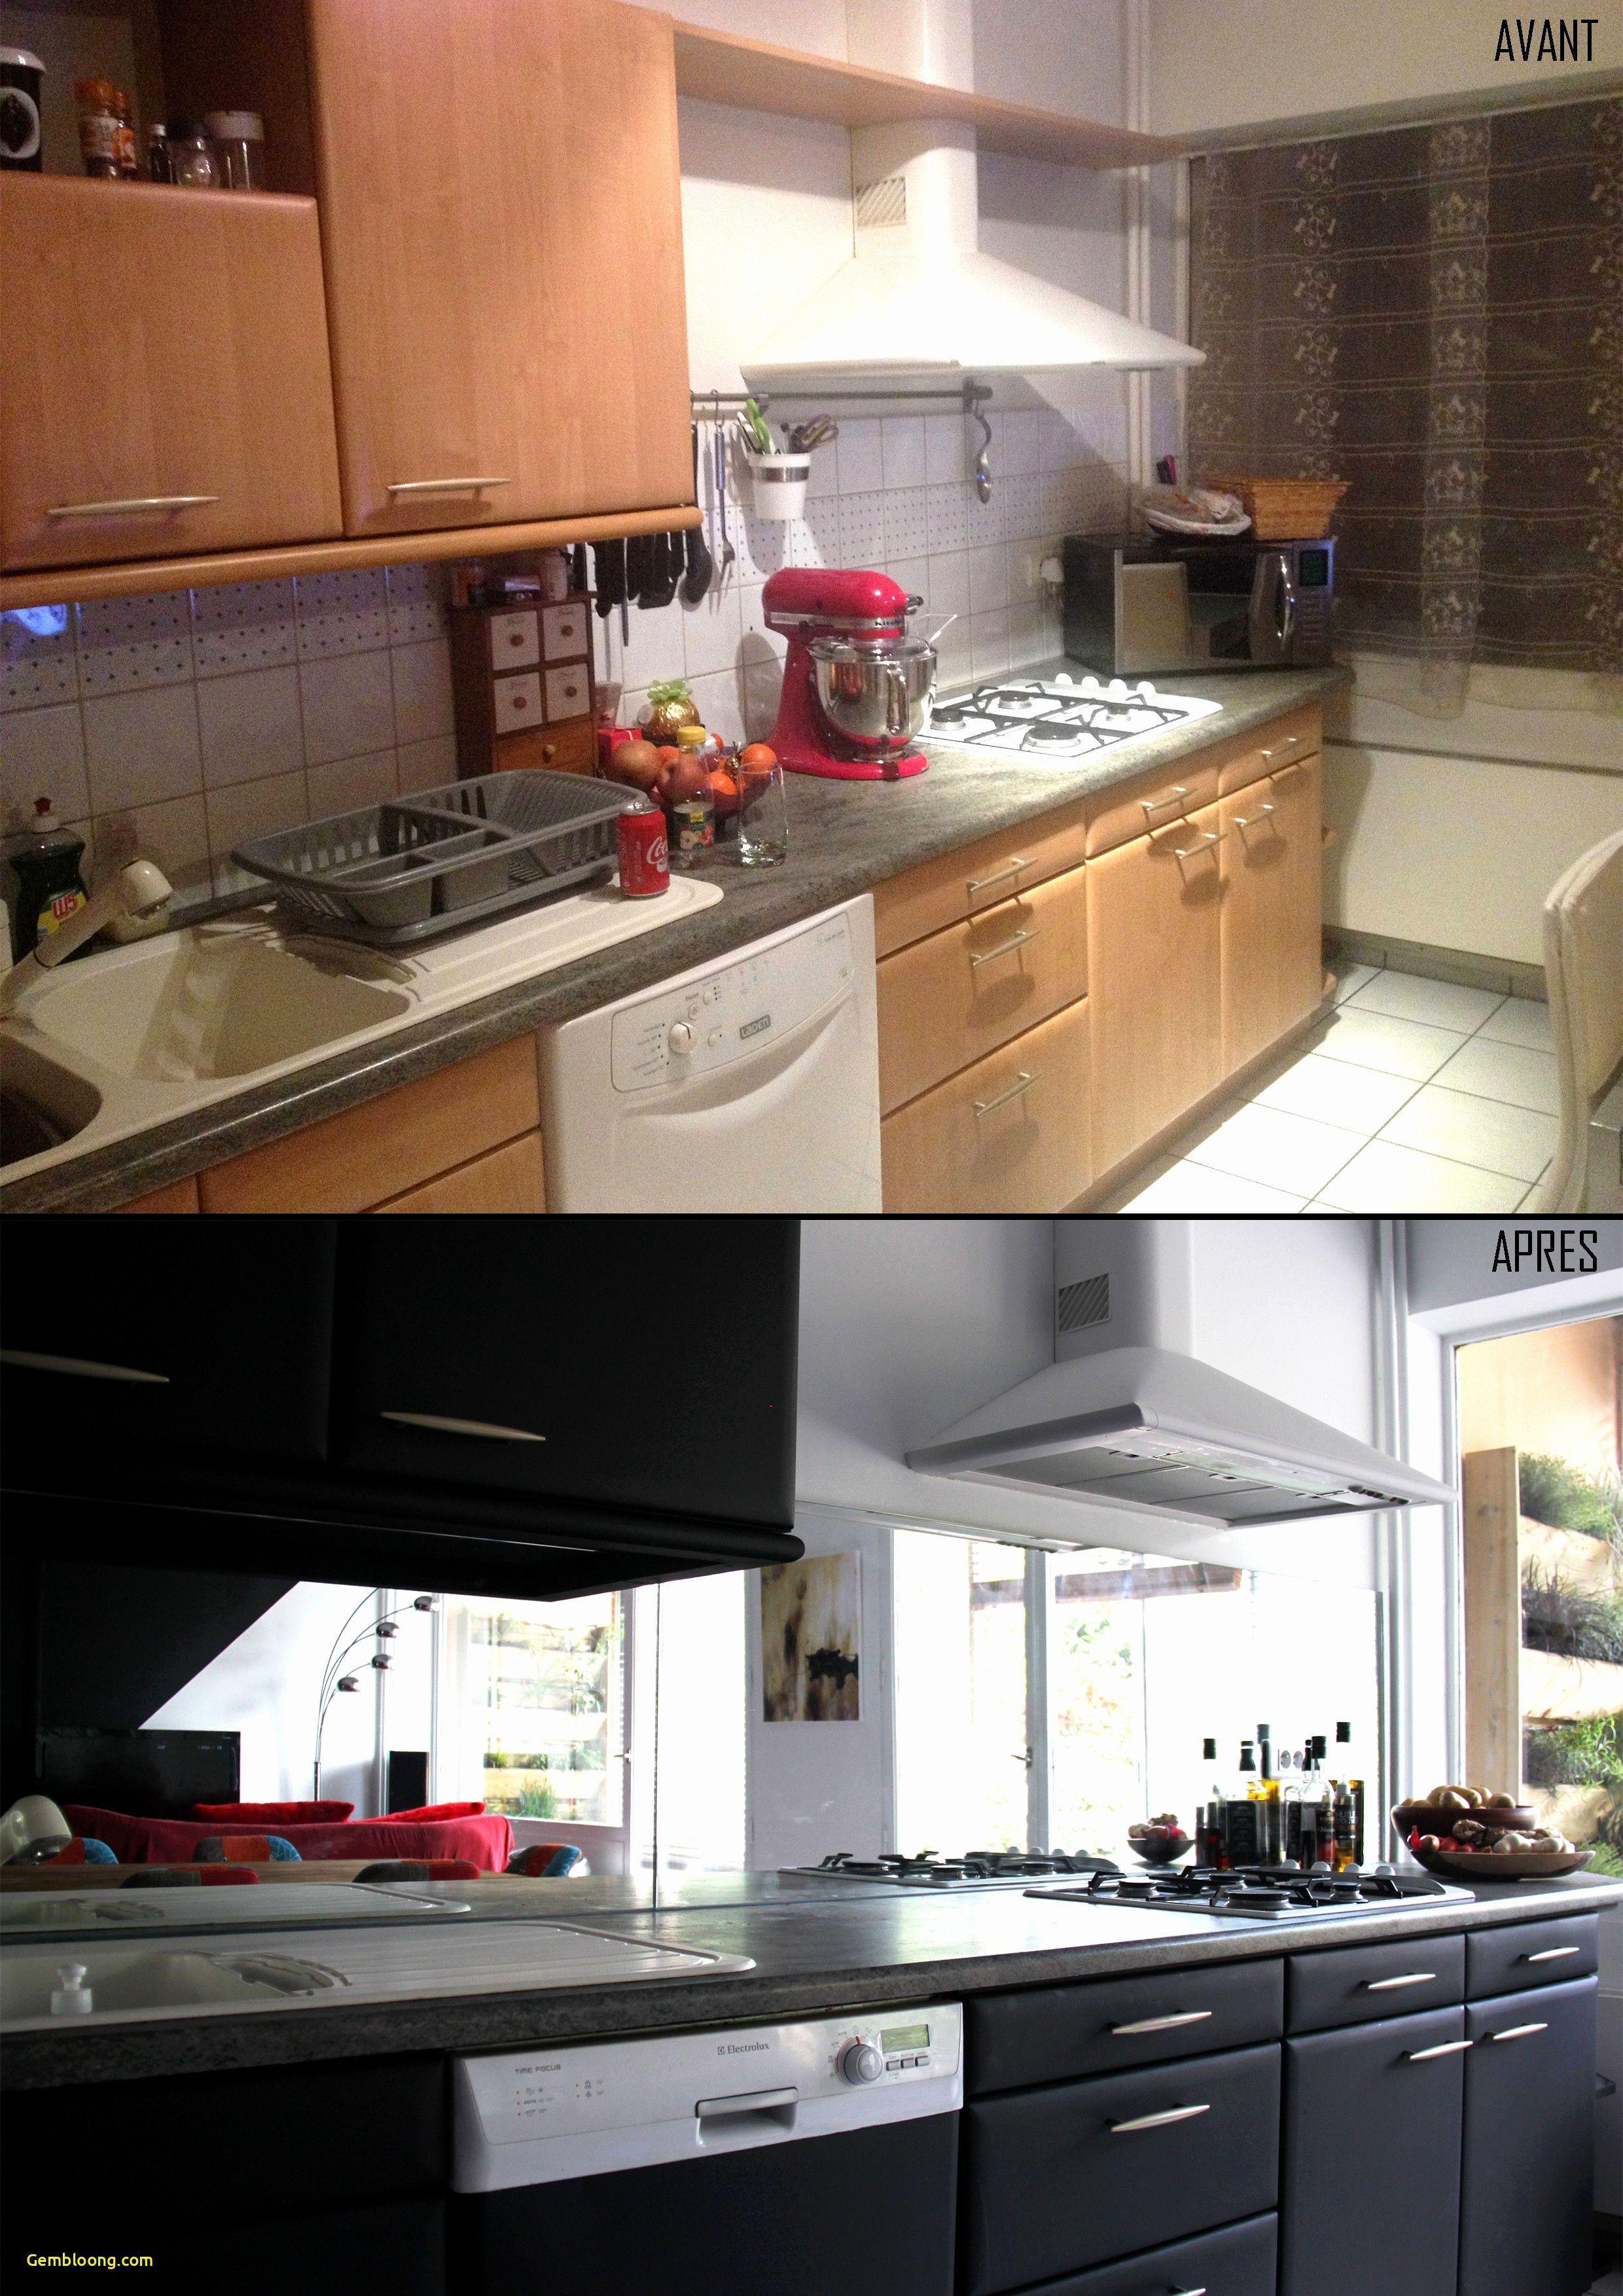 Armoire Faible Frais Profondeur 17 Frais Armoire Faible Profondeur Armoire Armoires De Cuisine Idees De Decorat In 2020 Kitchen Design Kitchen Sage Green Kitchen